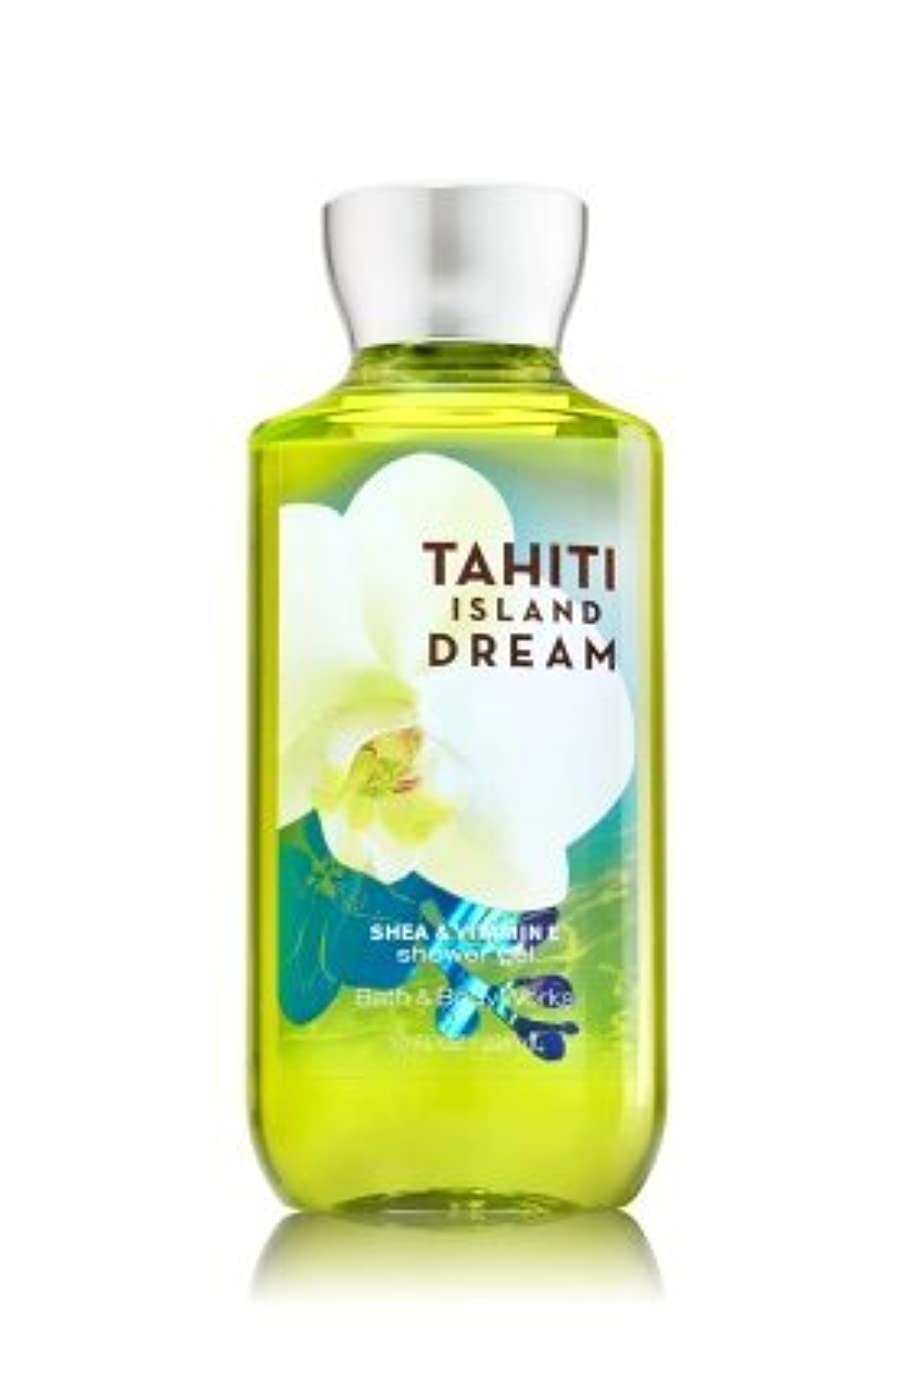 パース検索エンジンマーケティングまともな【Bath&Body Works/バス&ボディワークス】 シャワージェル タヒチアイランドドリーム Shower Gel Tahiti Island Dream 10 fl oz / 295 mL [並行輸入品]